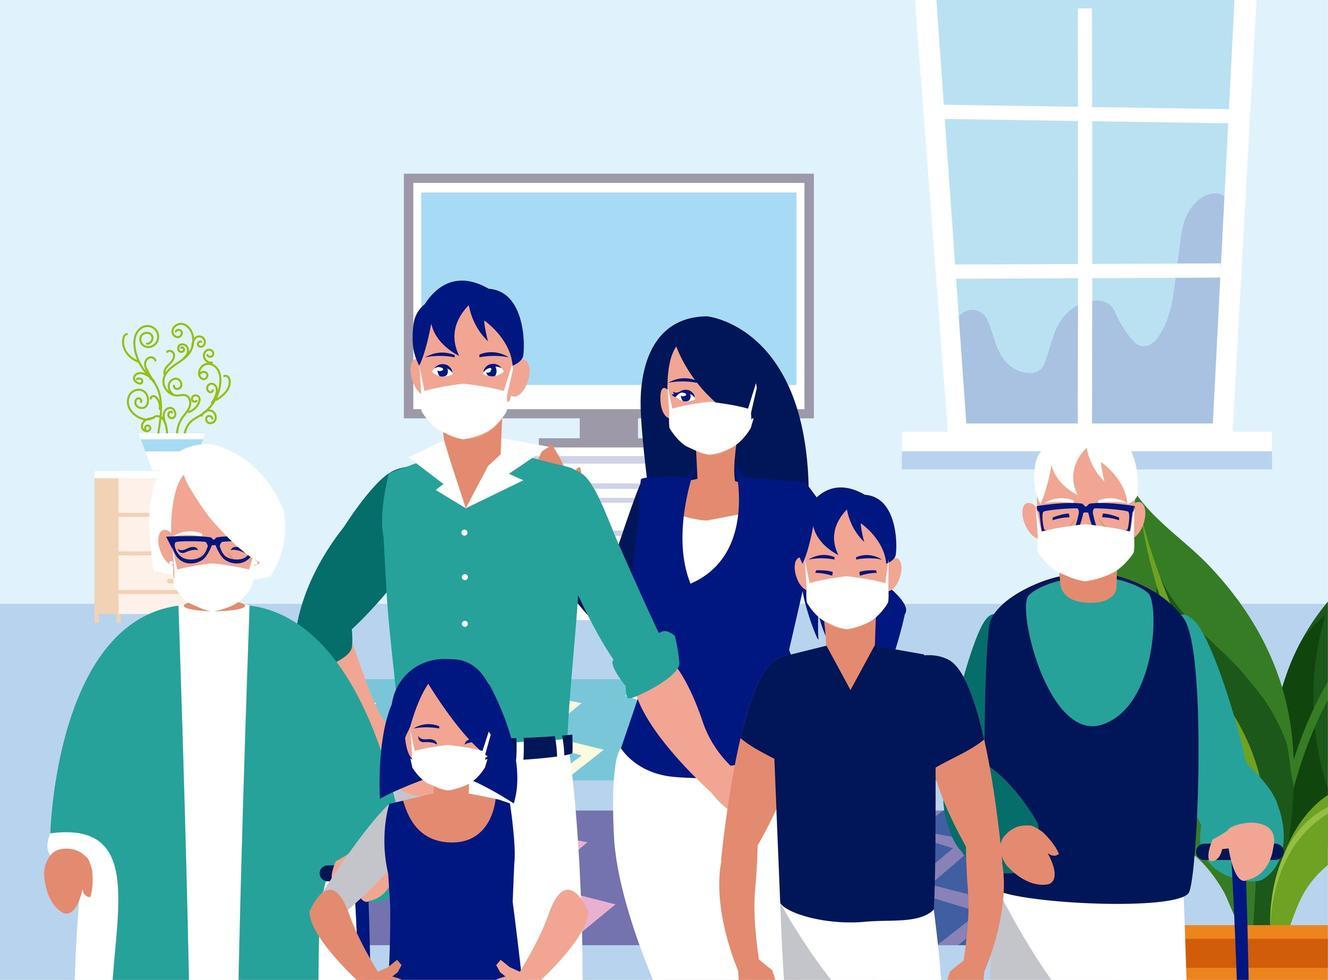 famiglia con maschere a casa disegno vettoriale